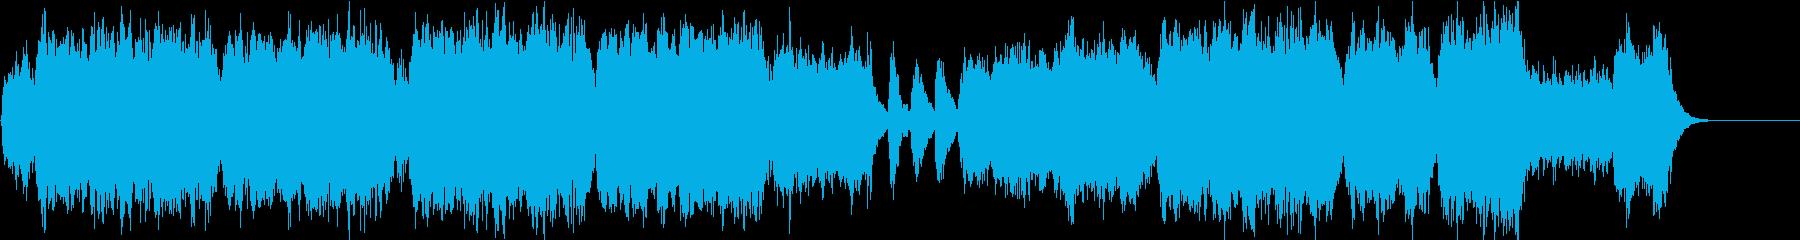 管楽器の旋律がパワフルなポップスの再生済みの波形